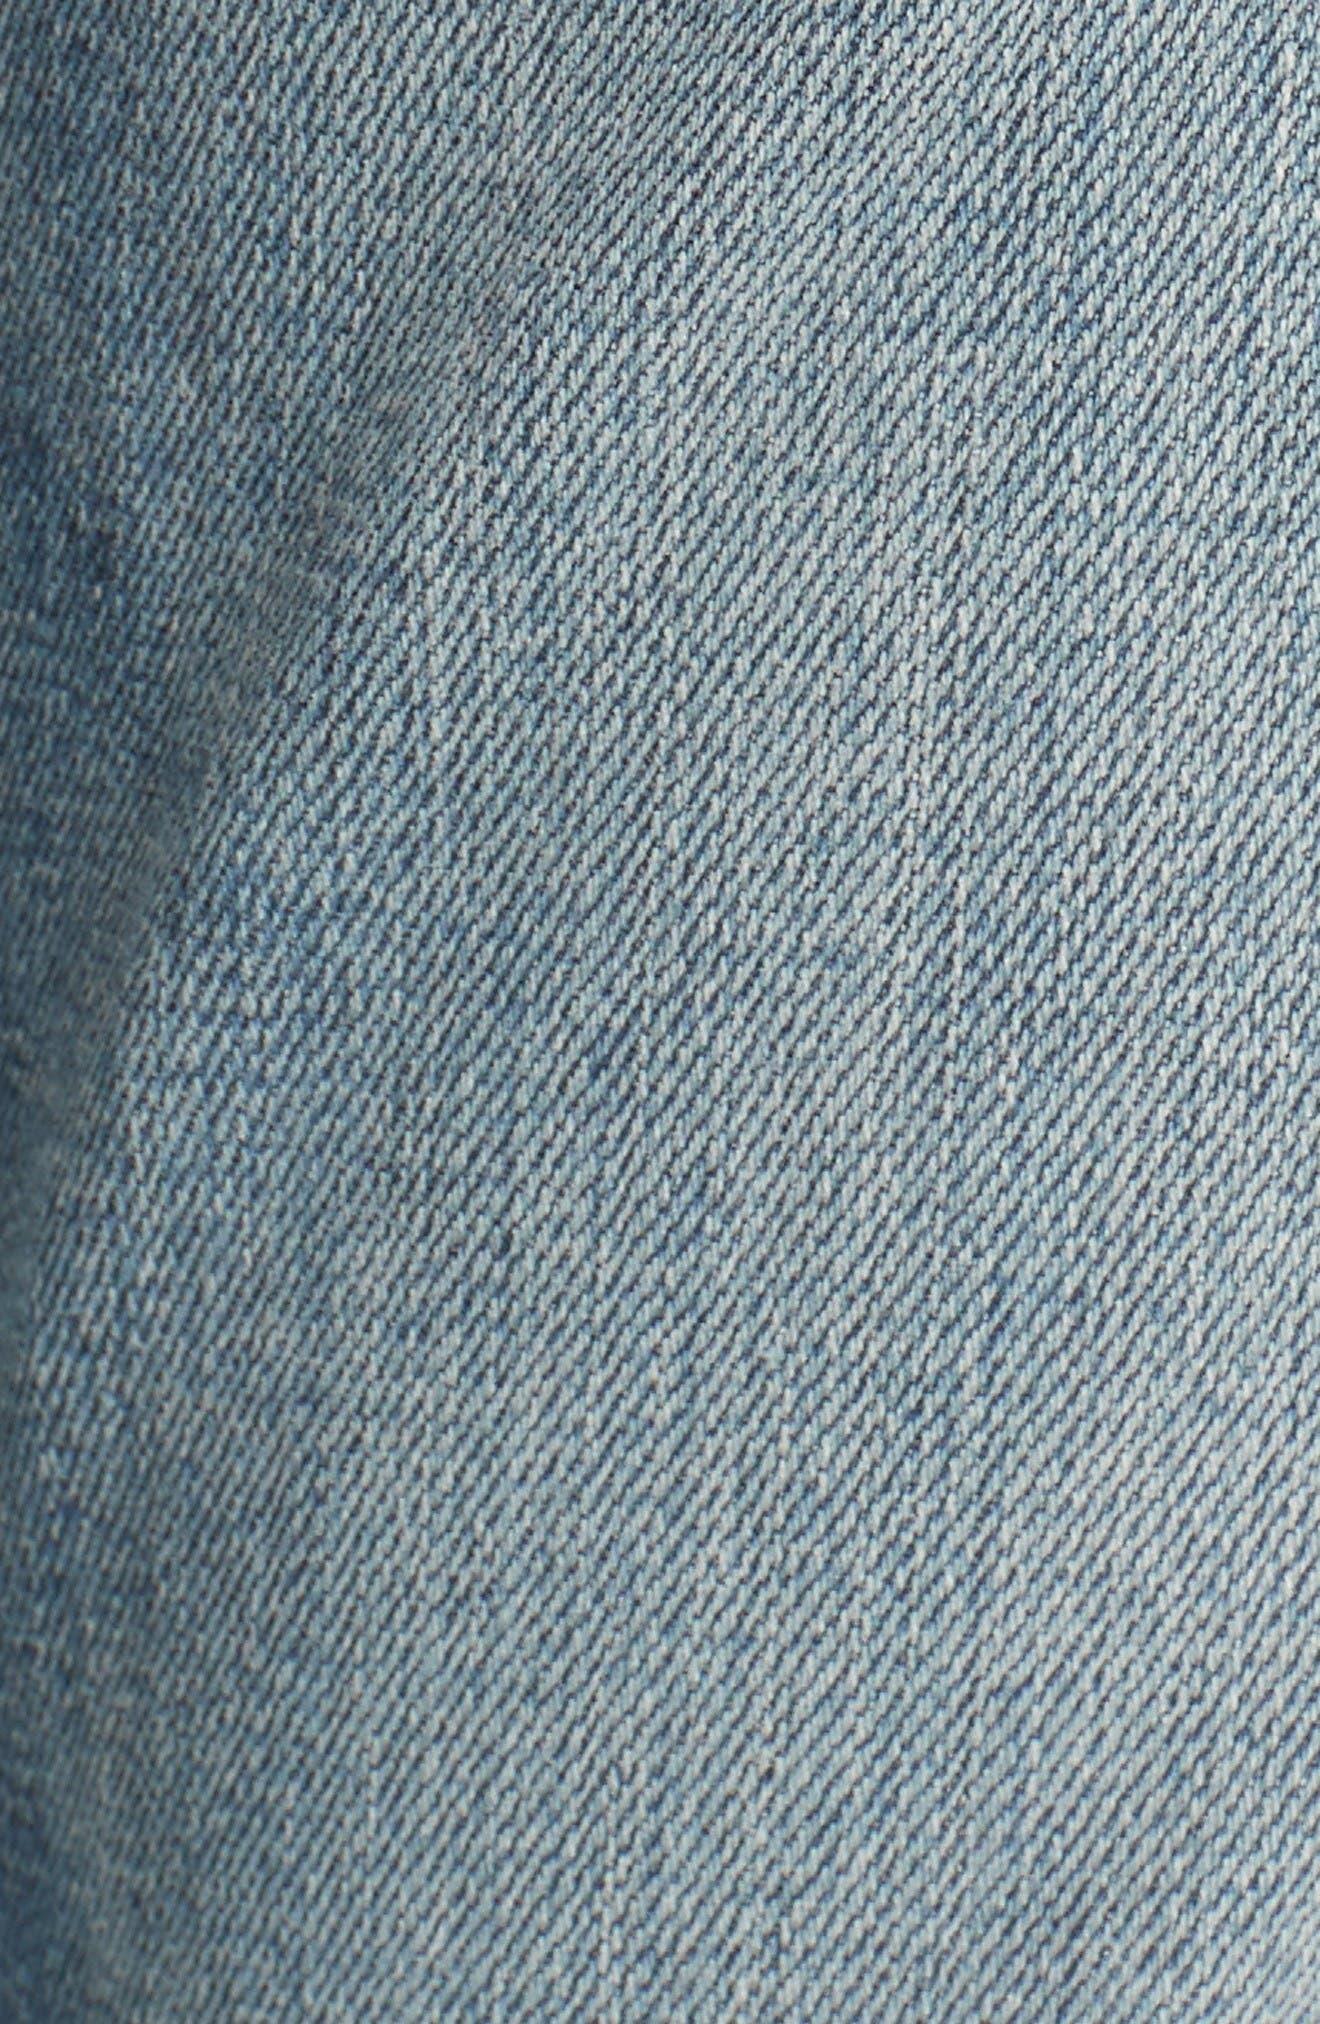 Alternate Image 5  - rag & bone/JEAN The Dre Capri Slim Boyfriend Jeans (Delamo)